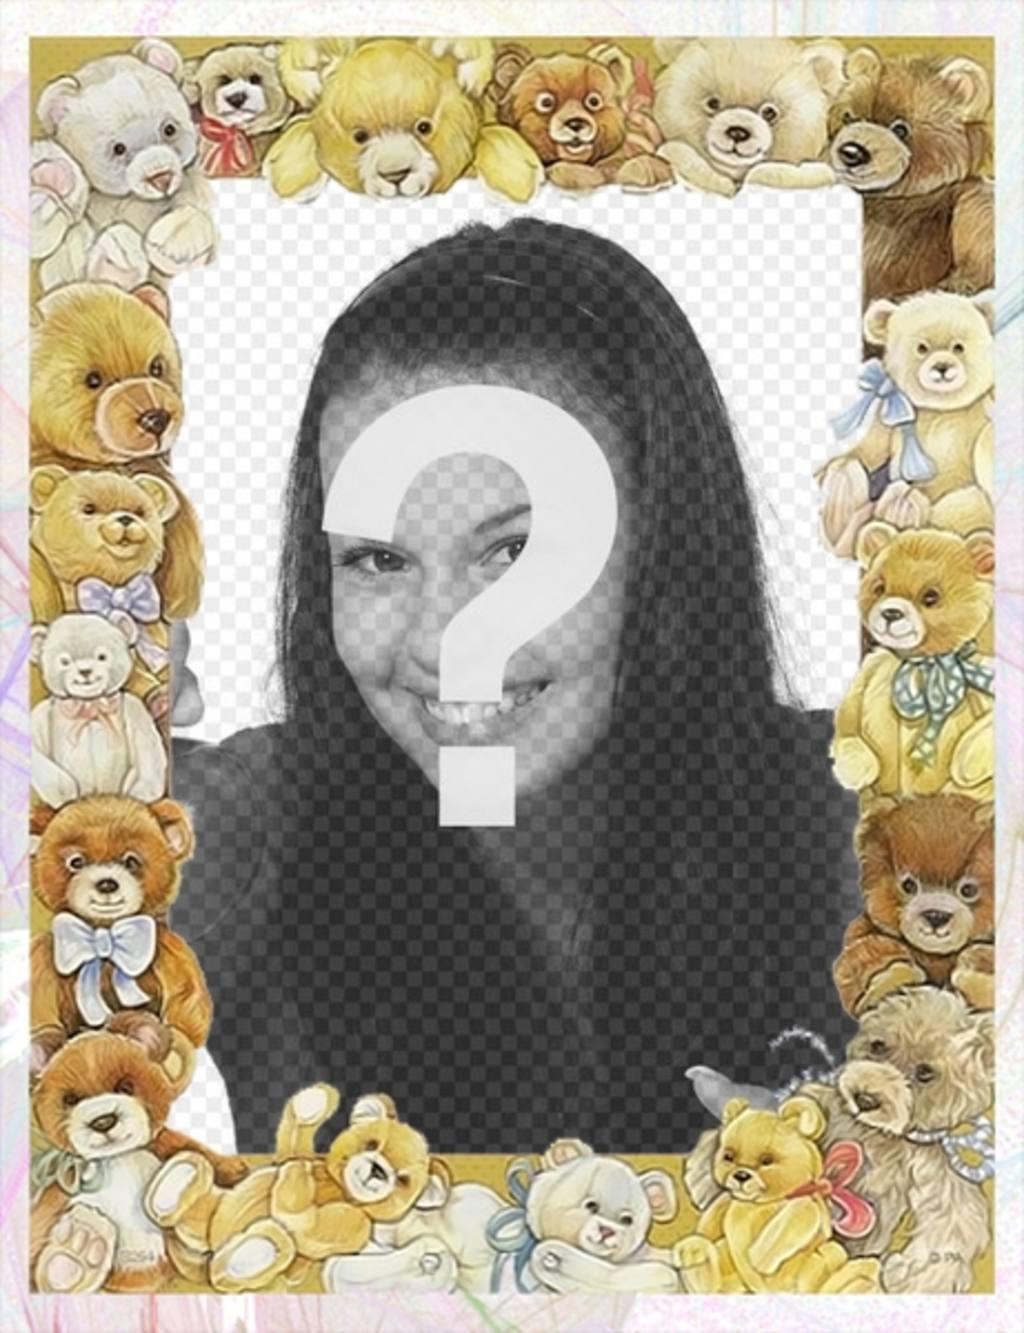 Cornice per foto con immagini di bambini orsi che circonda